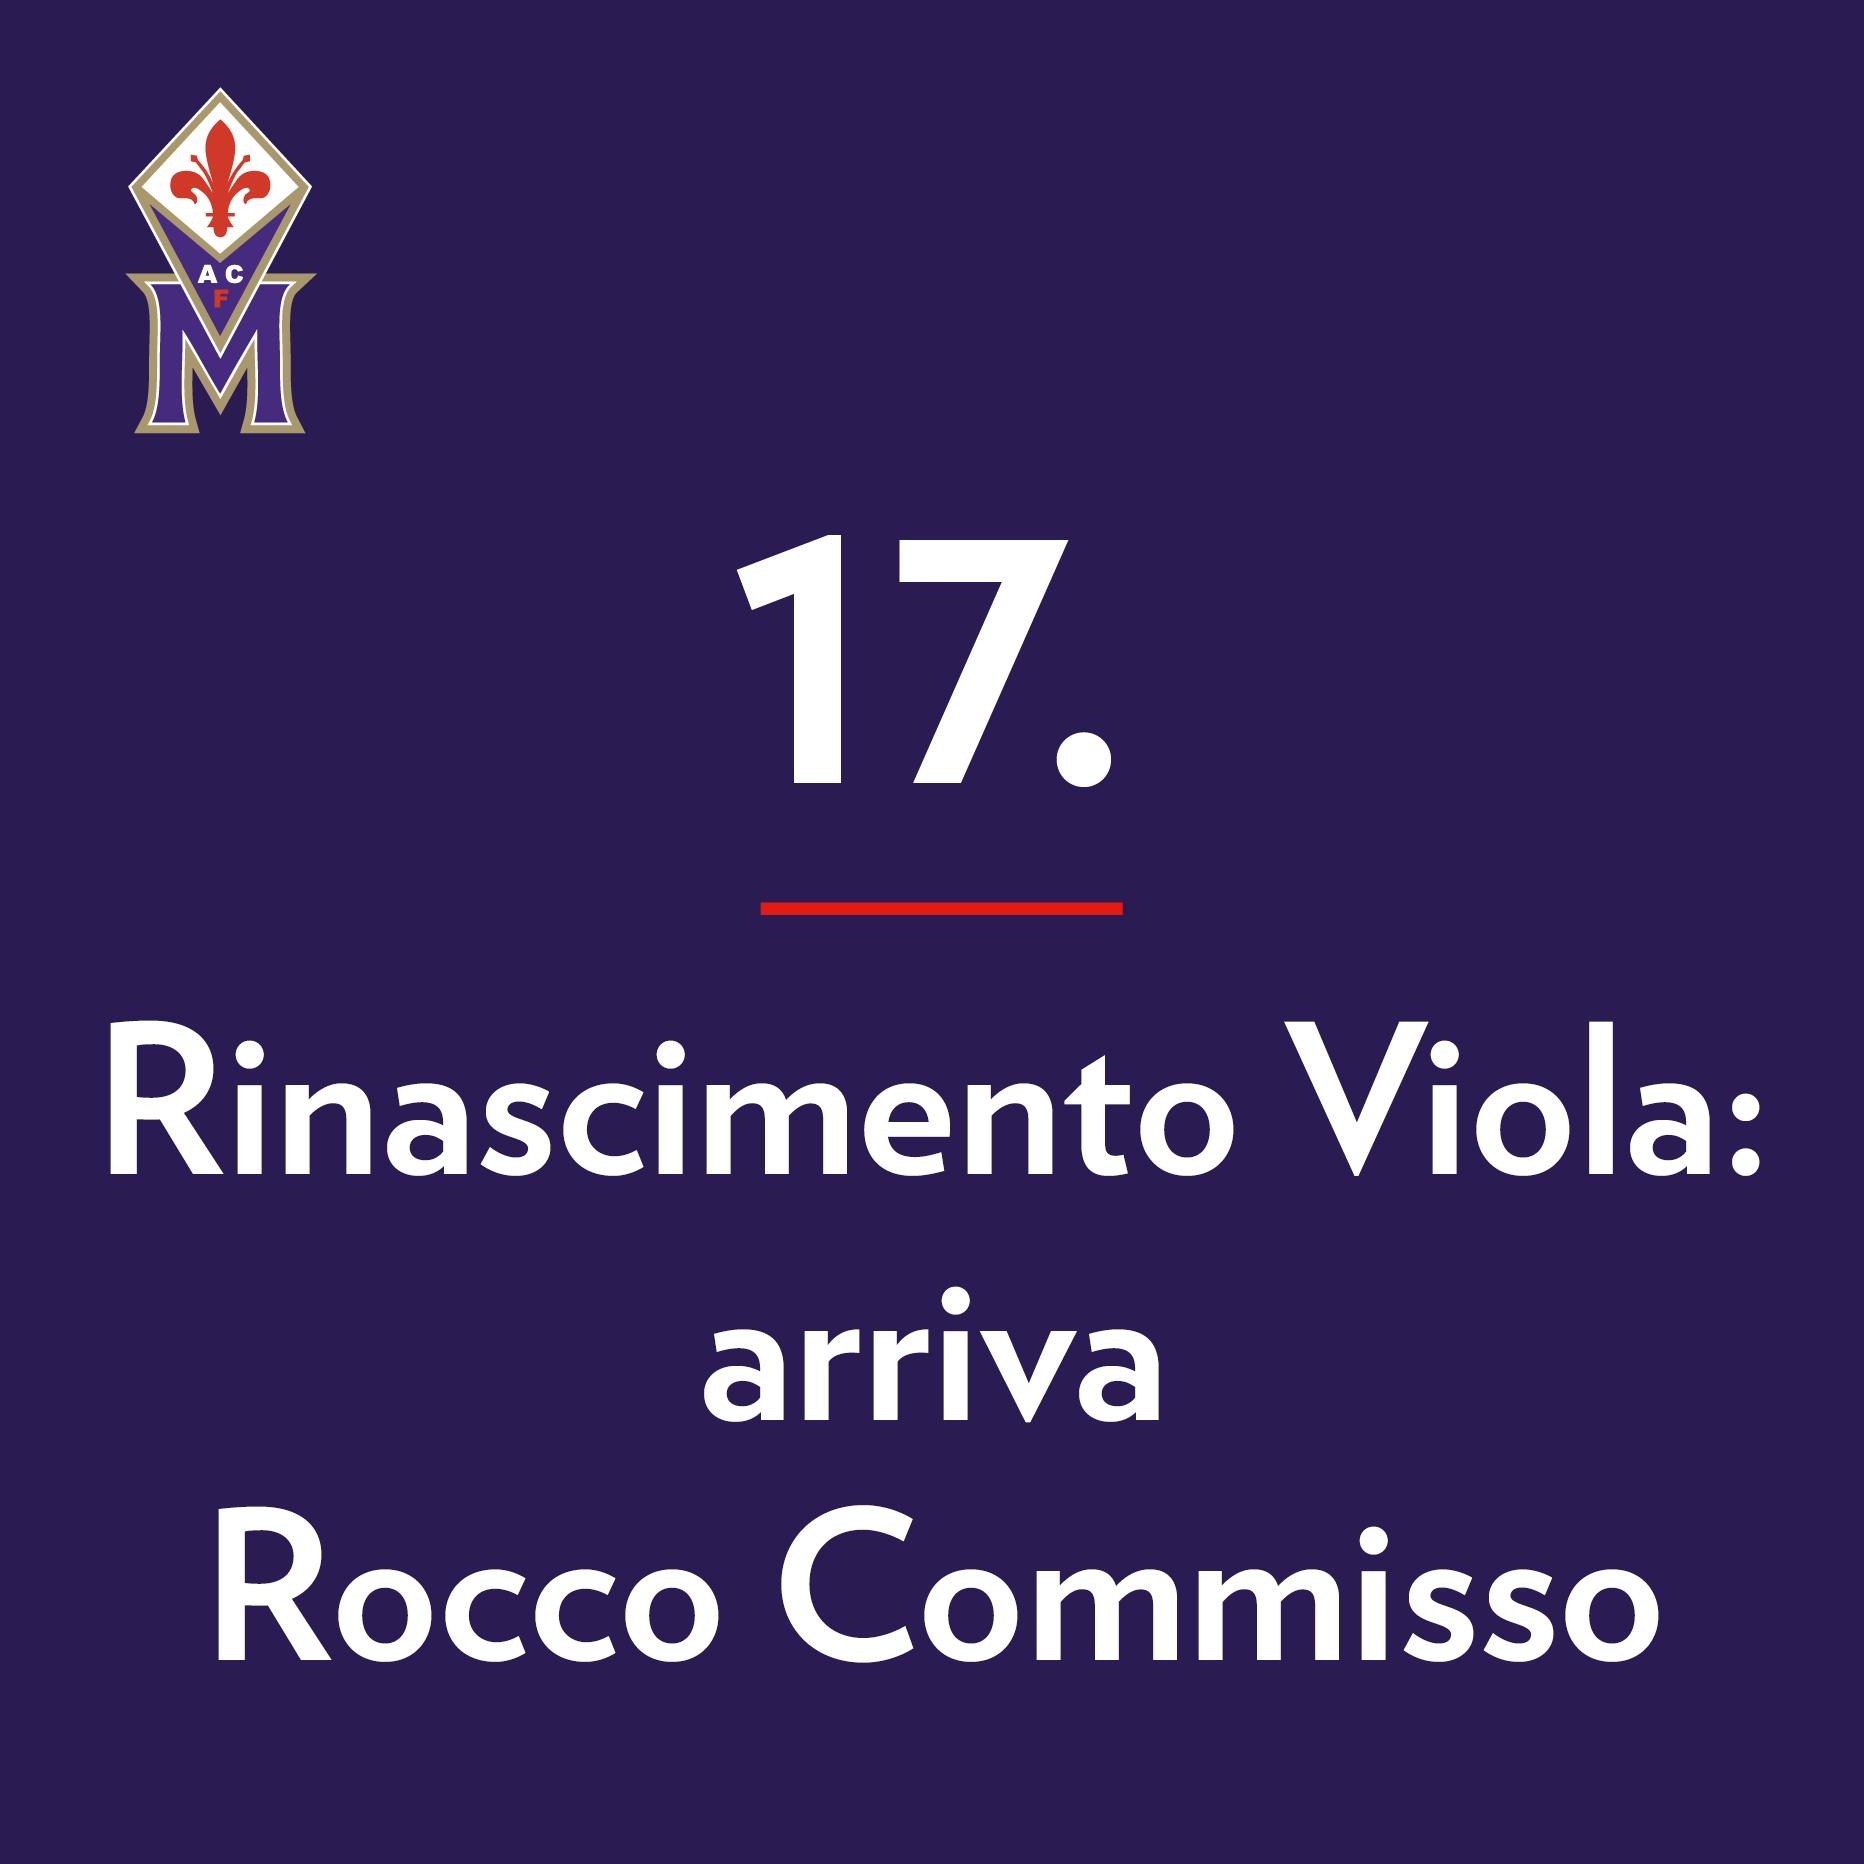 museo-fiorentina-la-nostra-storia-17-rinascimento-viola-arriva-rocco-commisso